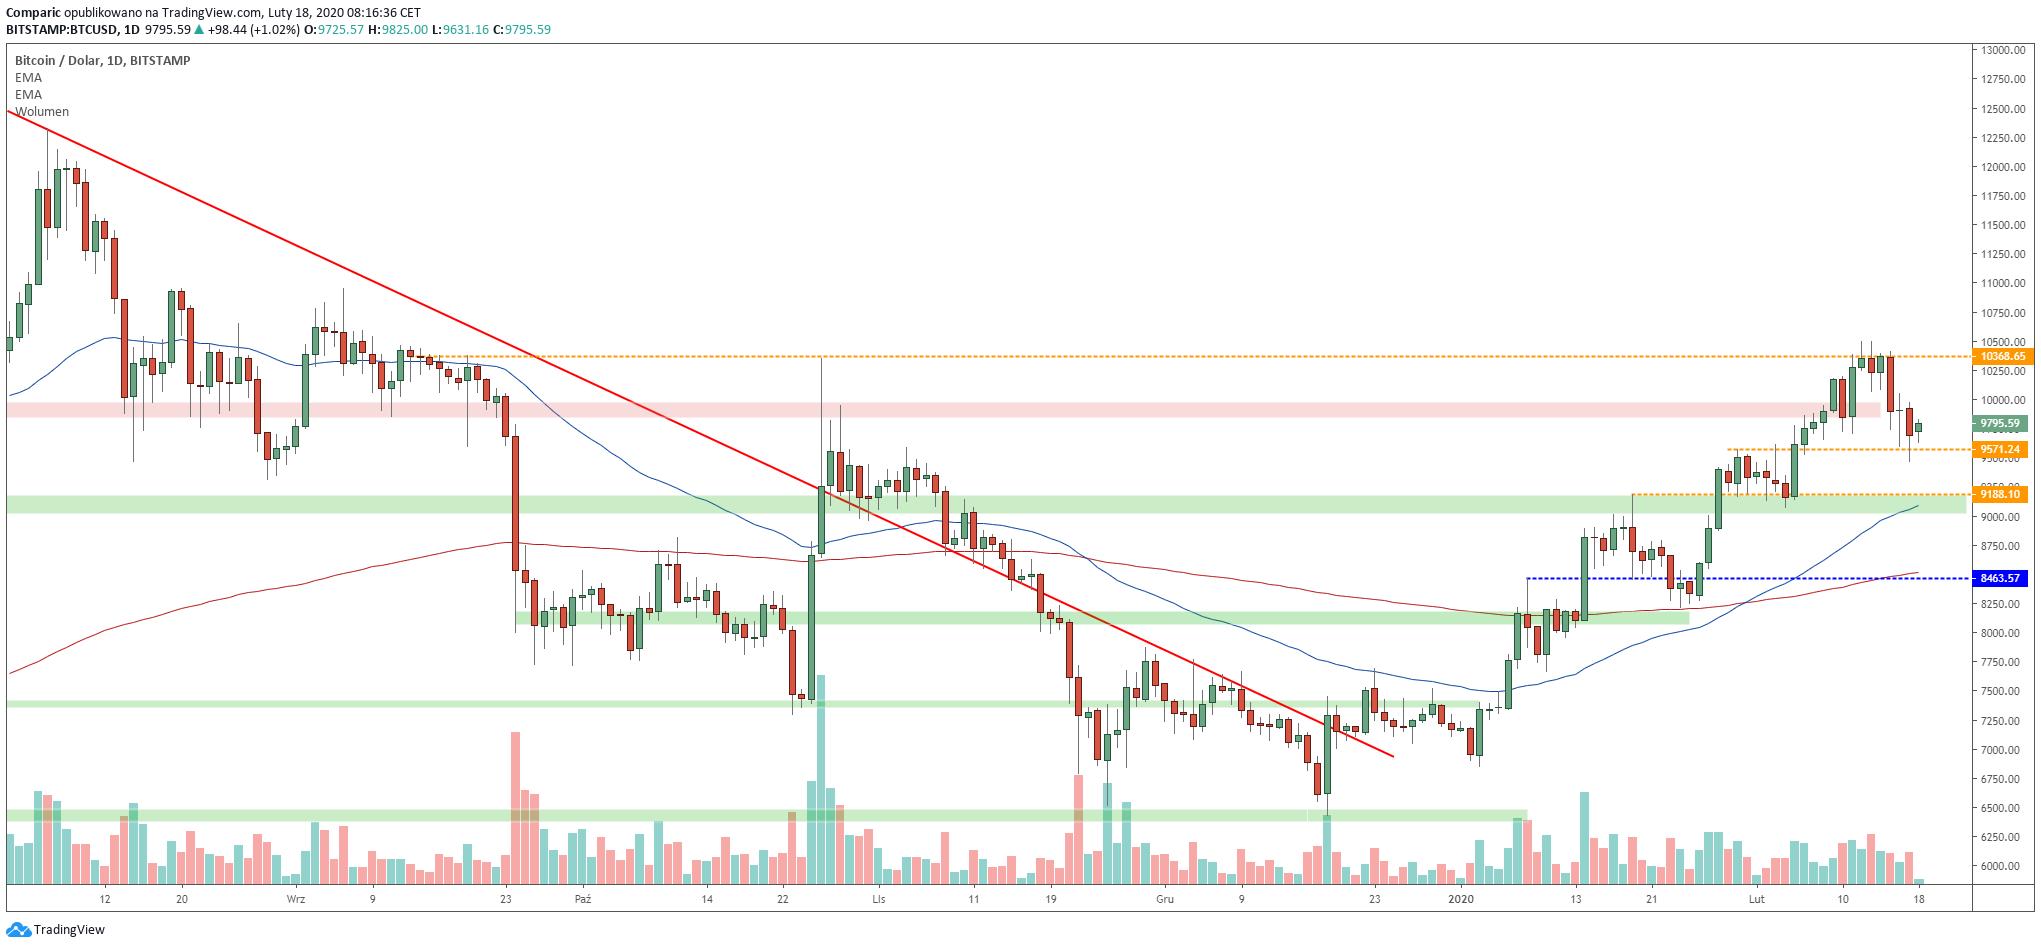 Bitcoin ma za sobą słabszy koniec i początek nowego tygodnia. Źródło: Tradingview.com